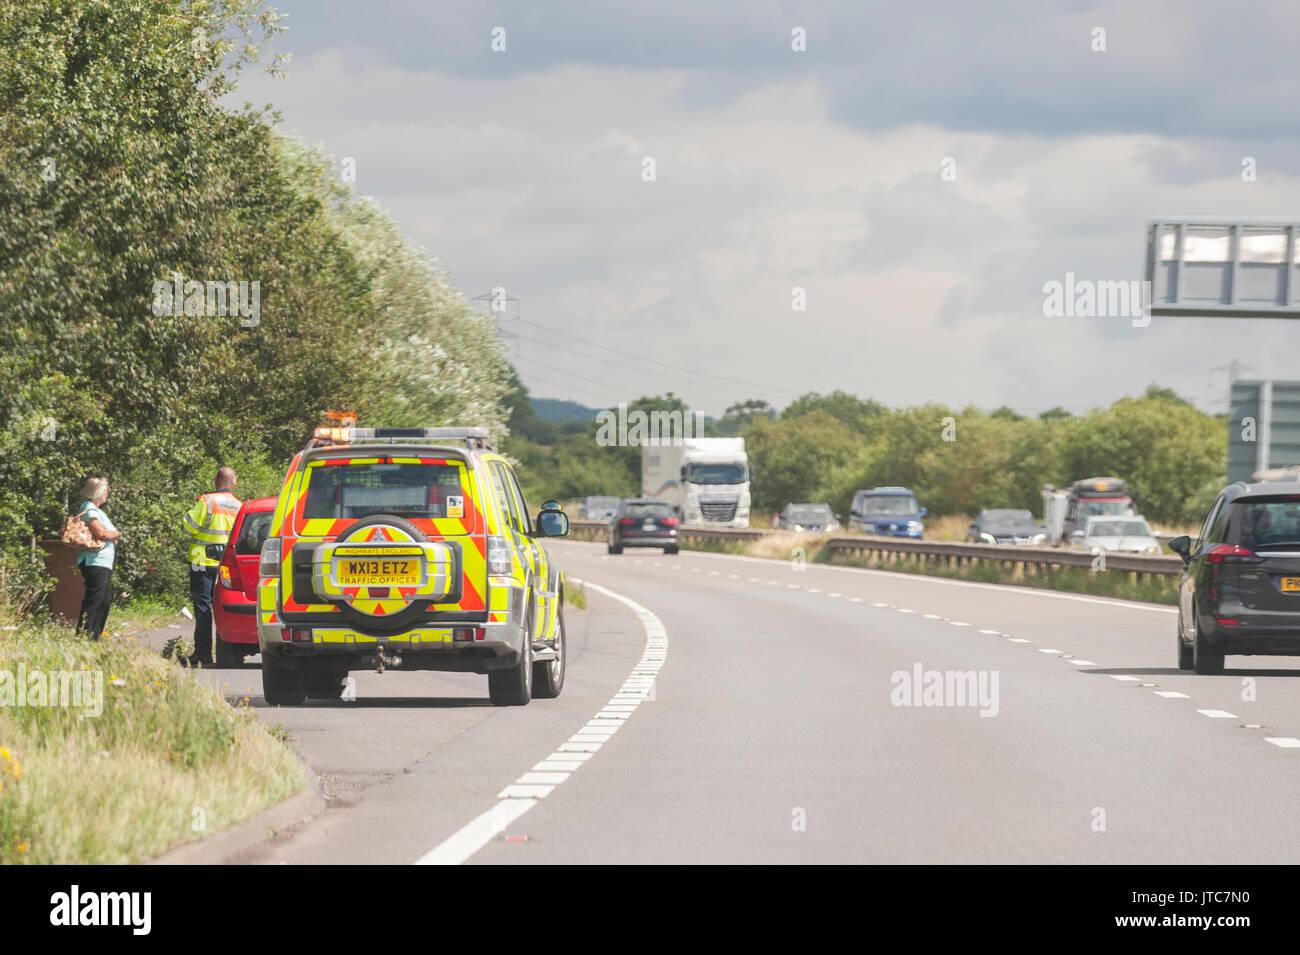 Un agent de la circulation de la Voirie sur une route principale au Royaume-Uni Photo Stock